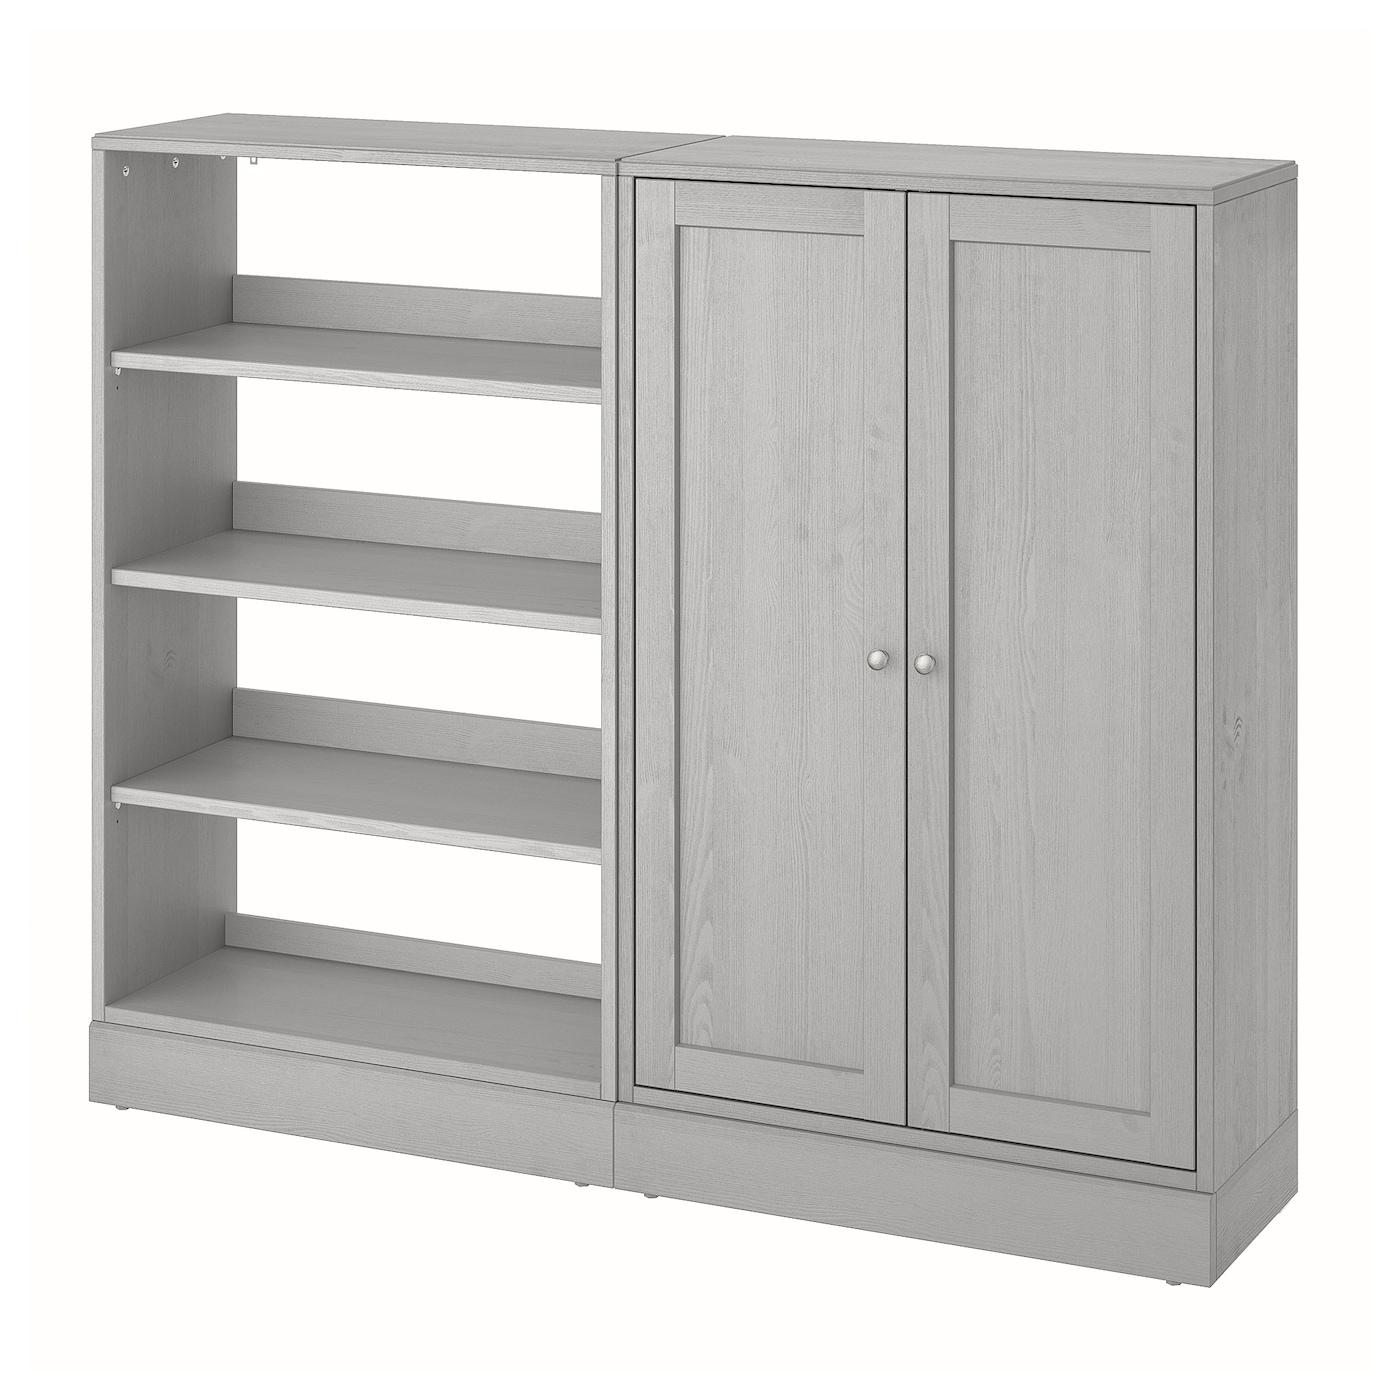 IKEA HAVSTA Regał, szary, 162x37x134 cm